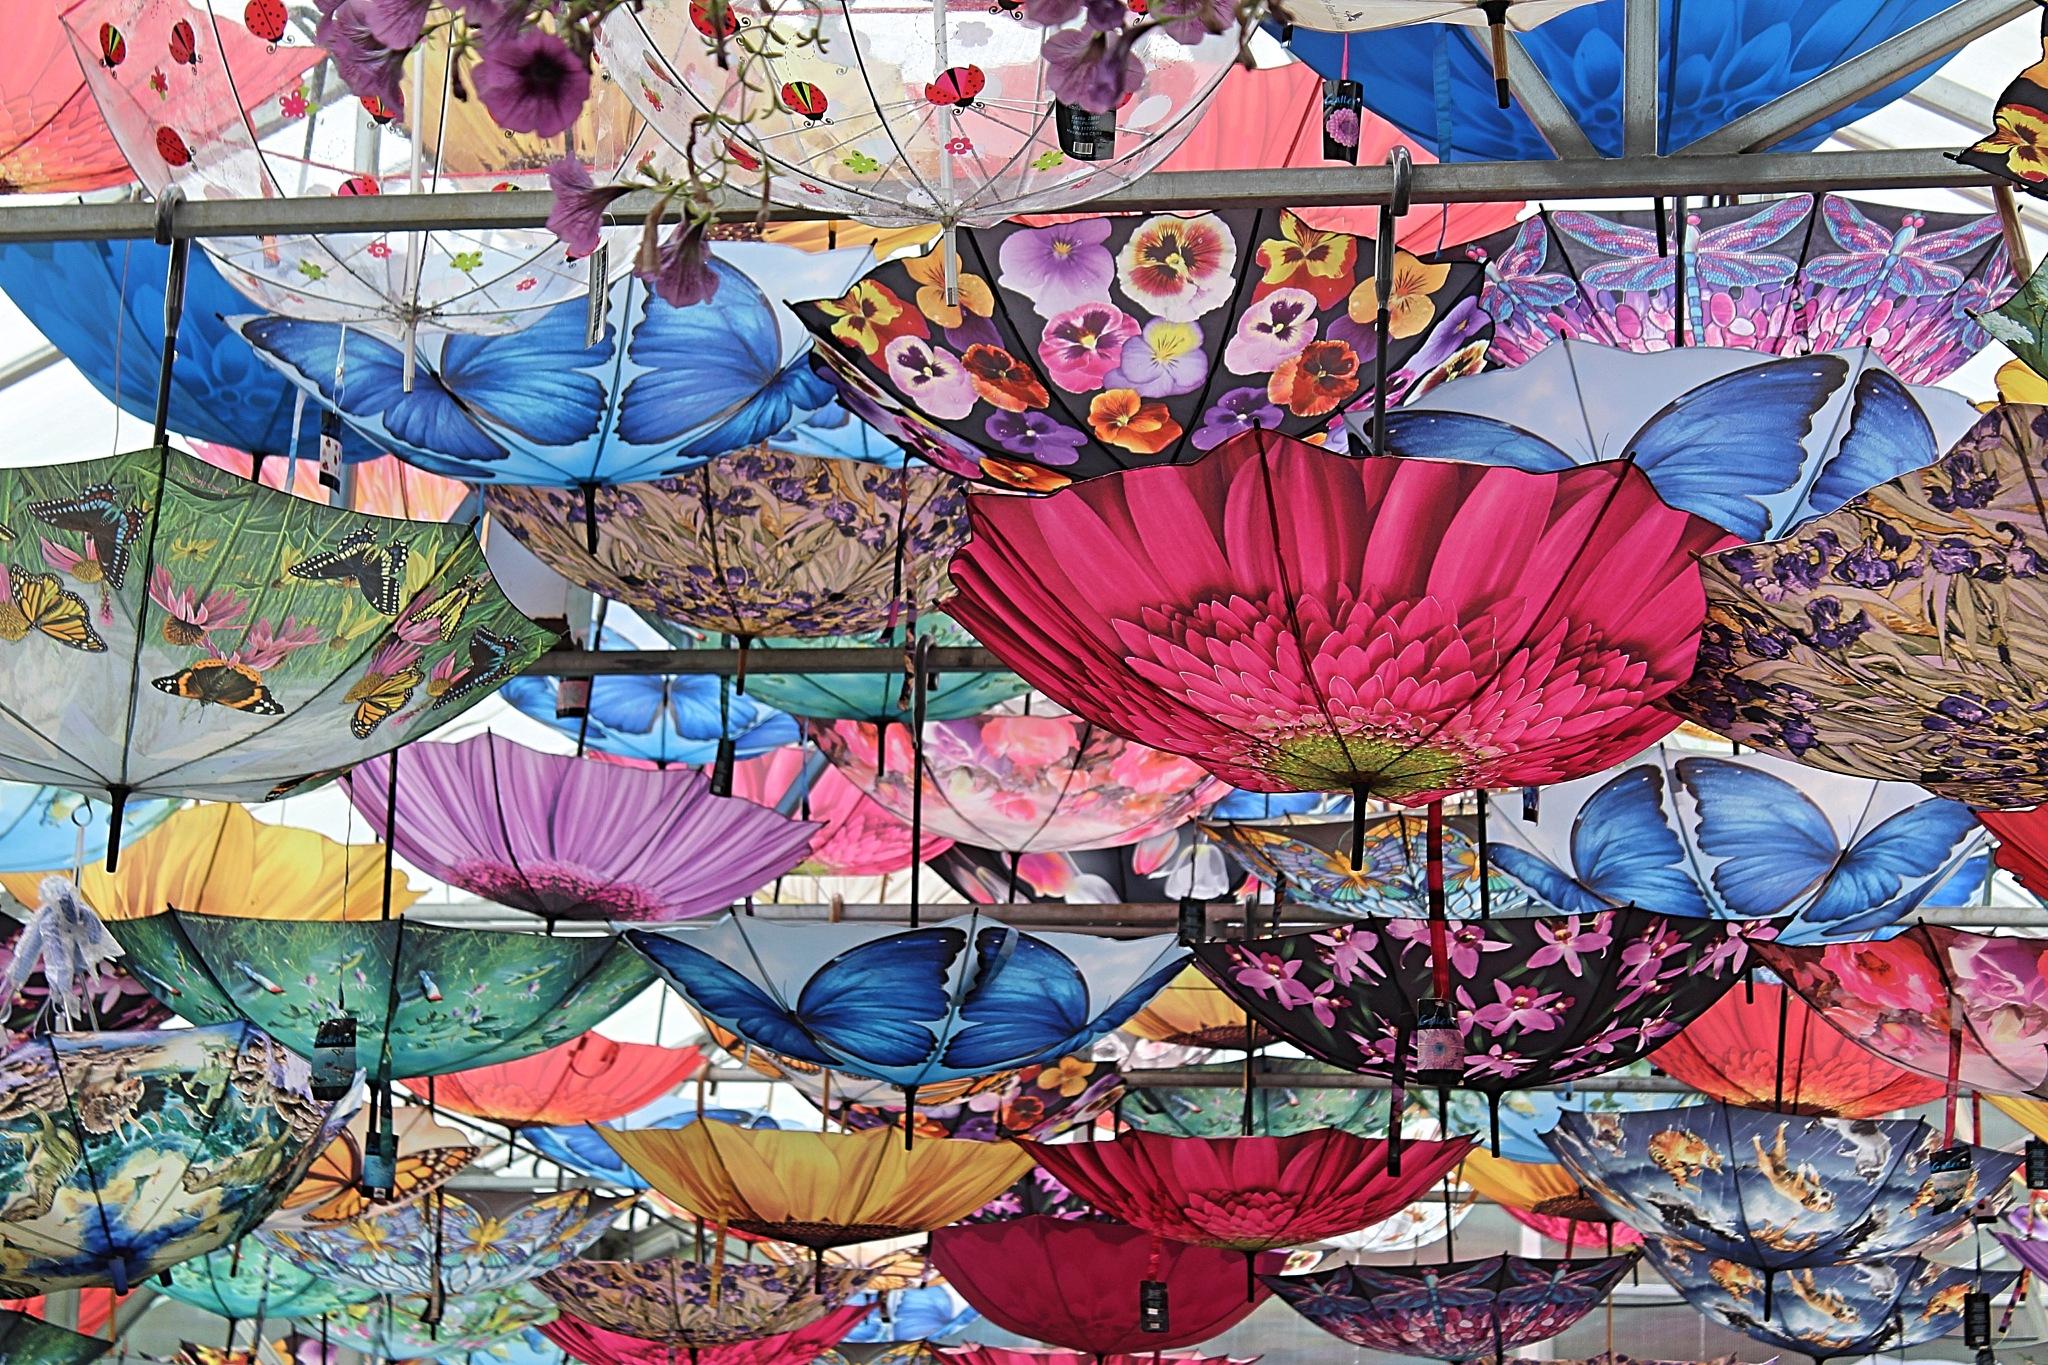 Umbrellas by Robert Borden